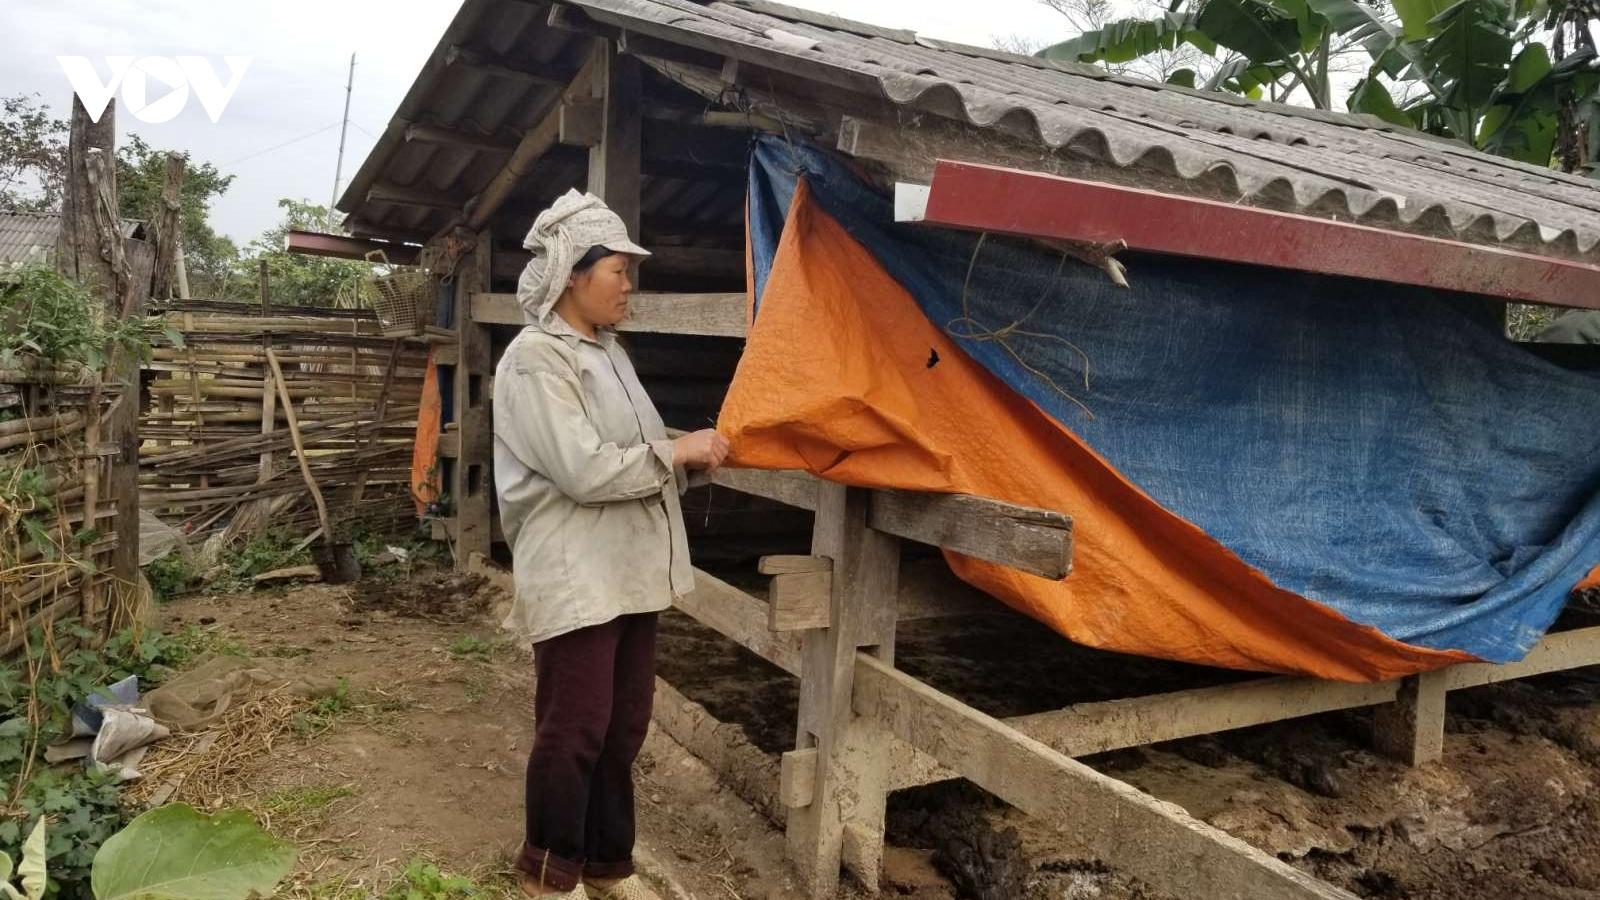 Đã có trâu bò bị chết do giá rét ở Cao Bằng